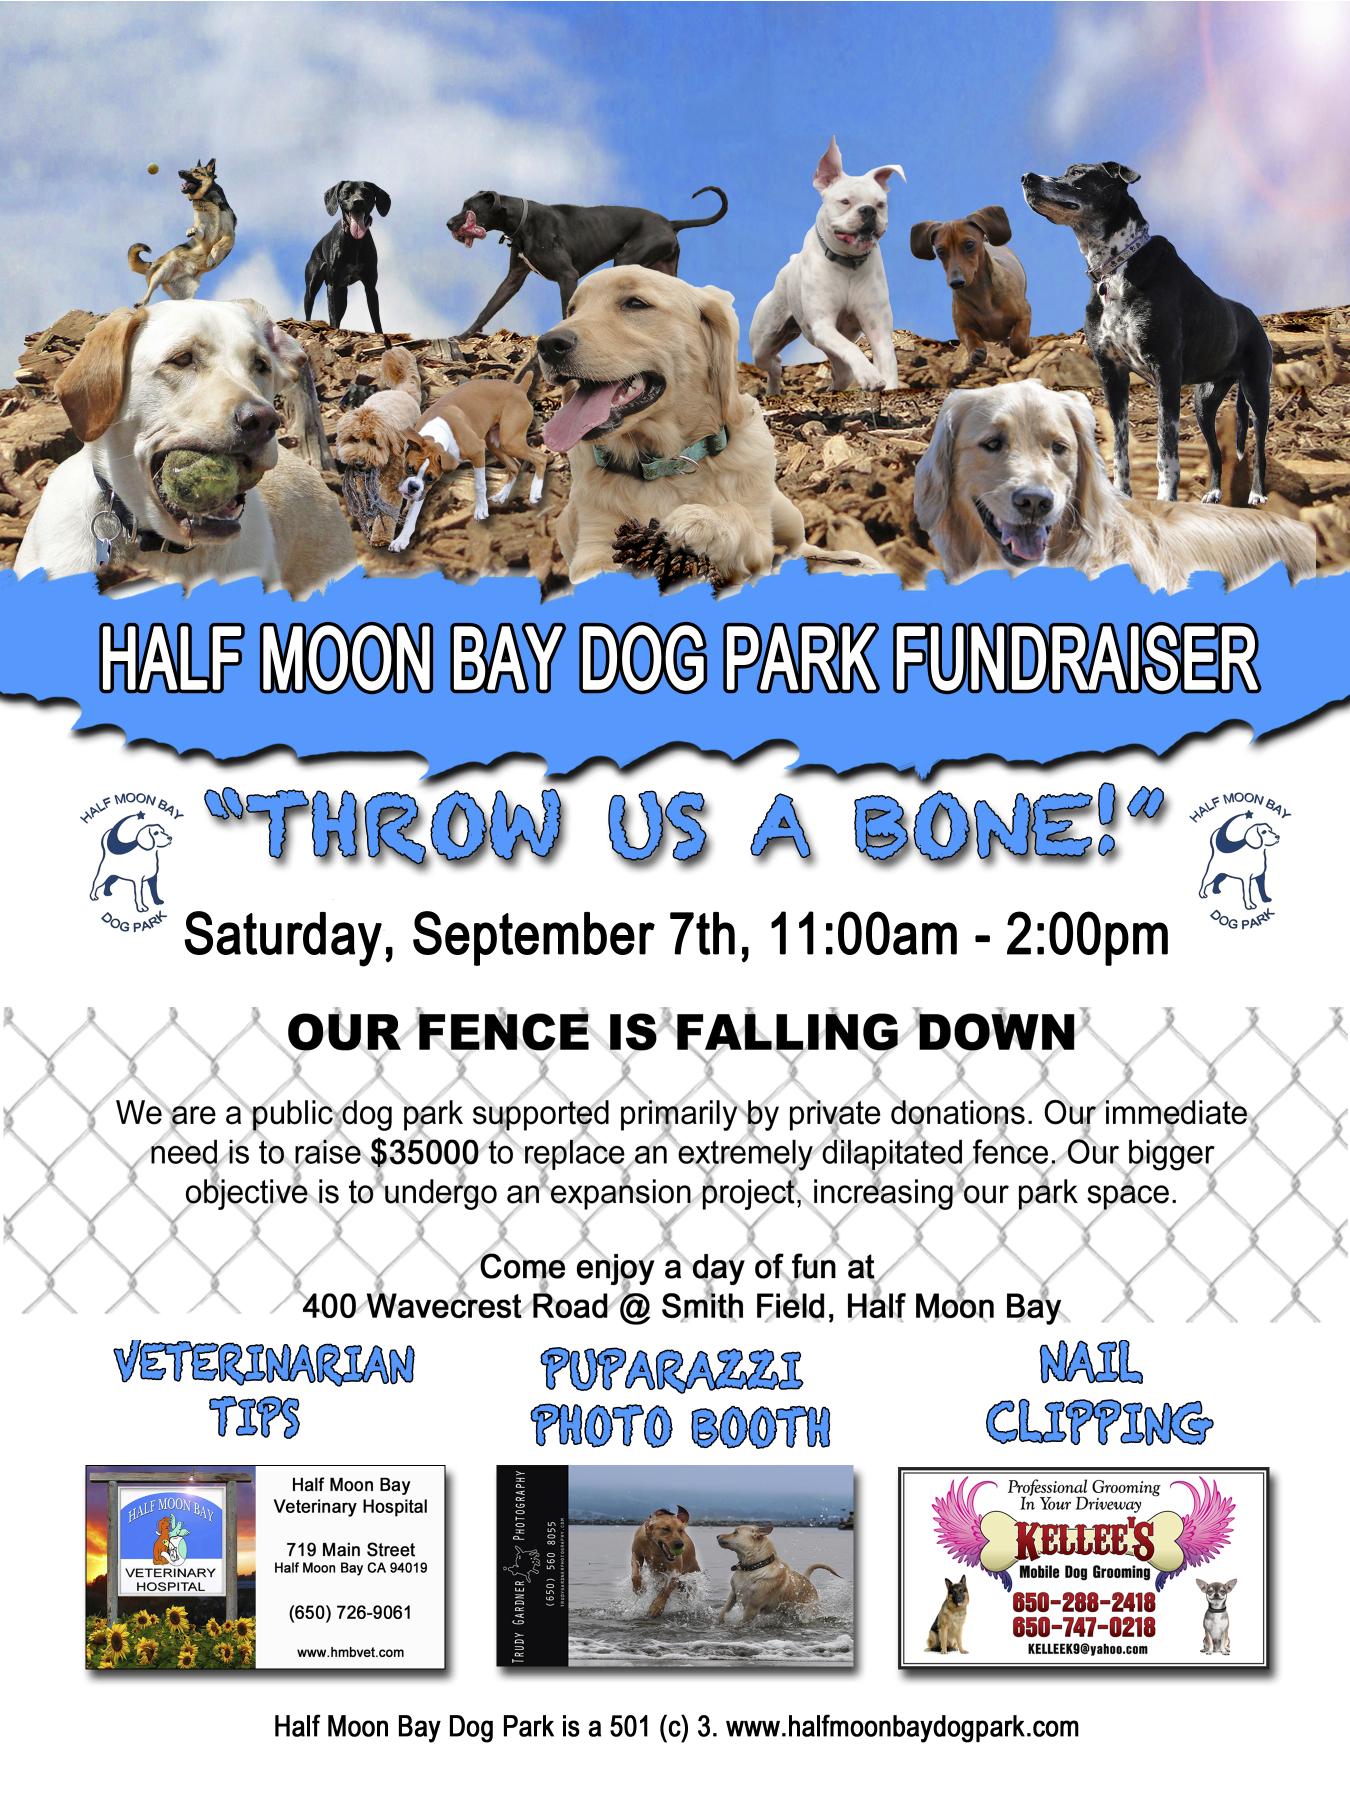 HMBDP Fundraiser, Sept. 7